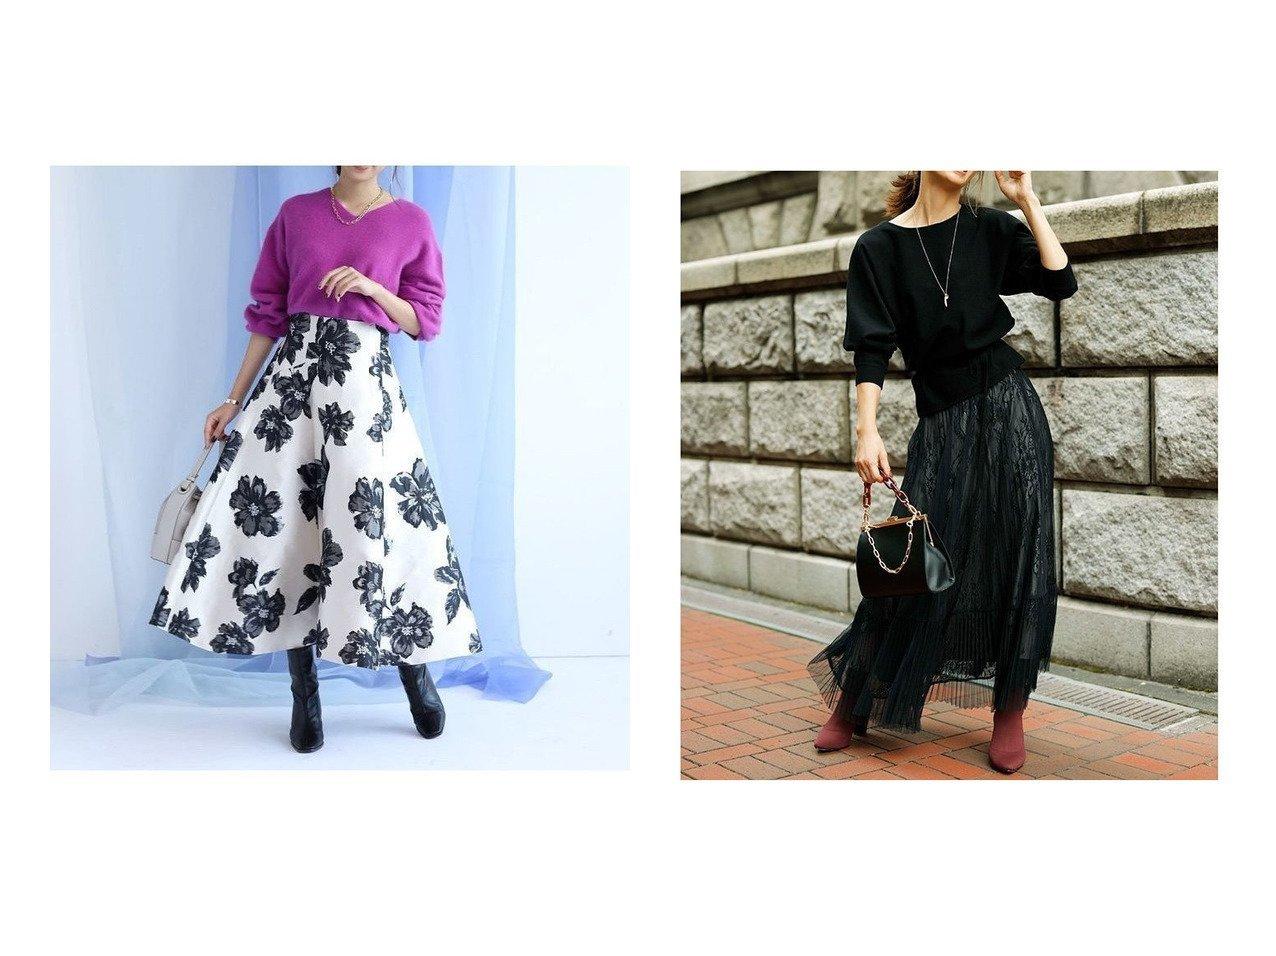 【JUSGLITTY/ジャスグリッティー】のチュールレーススカートSET UP&【追加生産/素材変更】ジャガードフレアスカート スカートのおすすめ!人気、レディースファッションの通販  おすすめで人気のファッション通販商品 インテリア・家具・キッズファッション・メンズファッション・レディースファッション・服の通販 founy(ファニー) https://founy.com/ ファッション Fashion レディース WOMEN スカート Skirt Aライン/フレアスカート Flared A-Line Skirts トップス Tops Tshirt セットアップ Setup トップス Tops スカート Skirt ギャザー シンプル ジャカード フラワー フレア ロング  ID:crp329100000004043